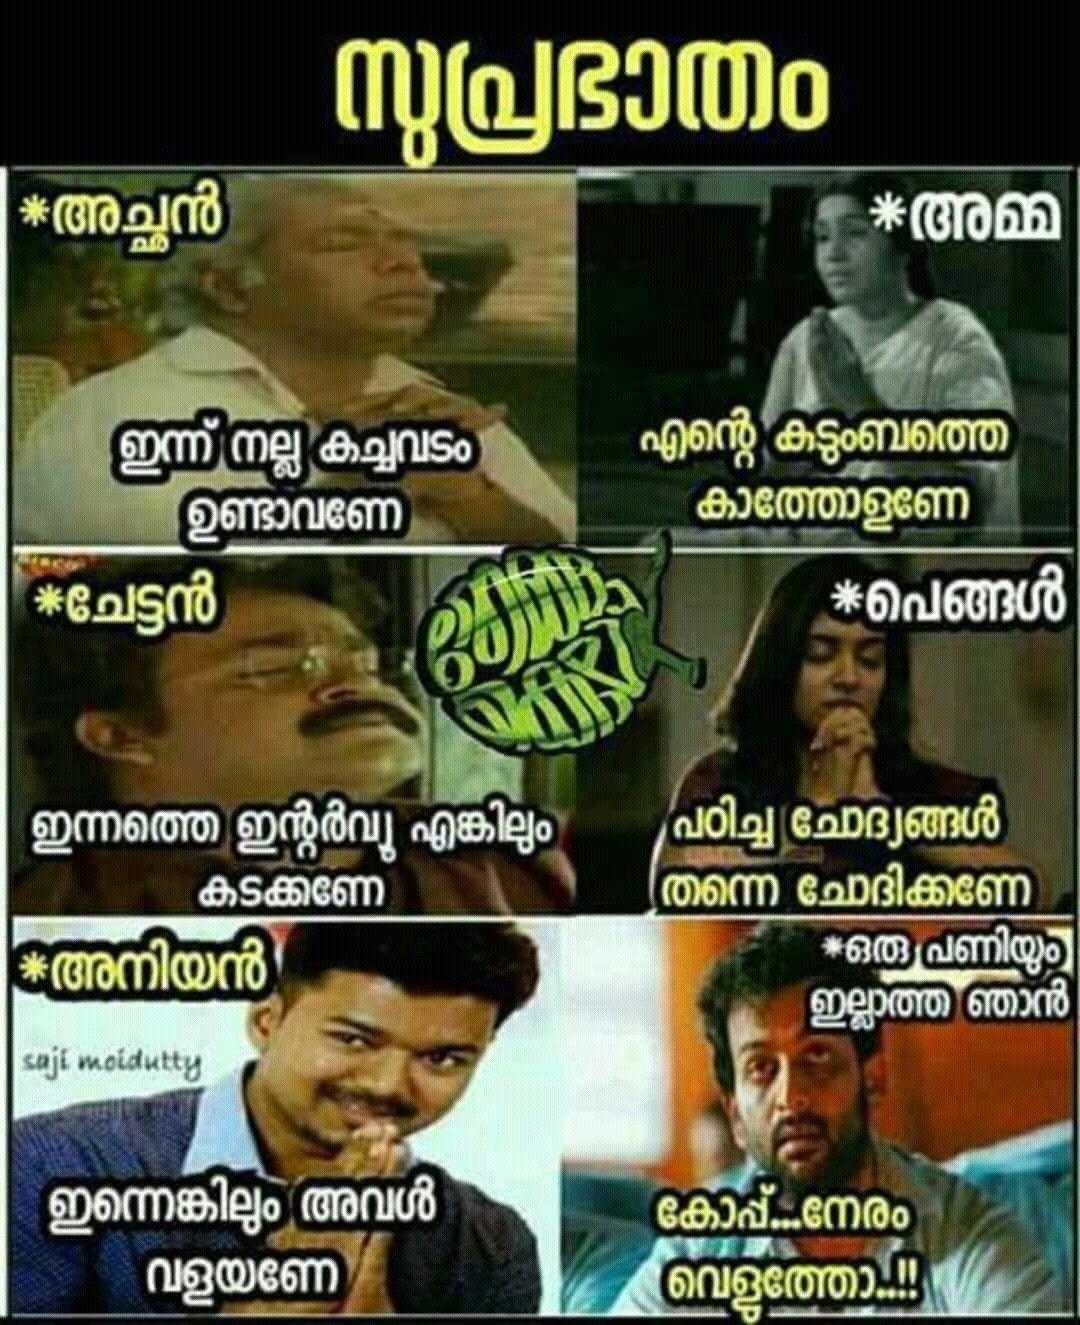 Joke Images Malayalam : images, malayalam, Malayalam, Troll